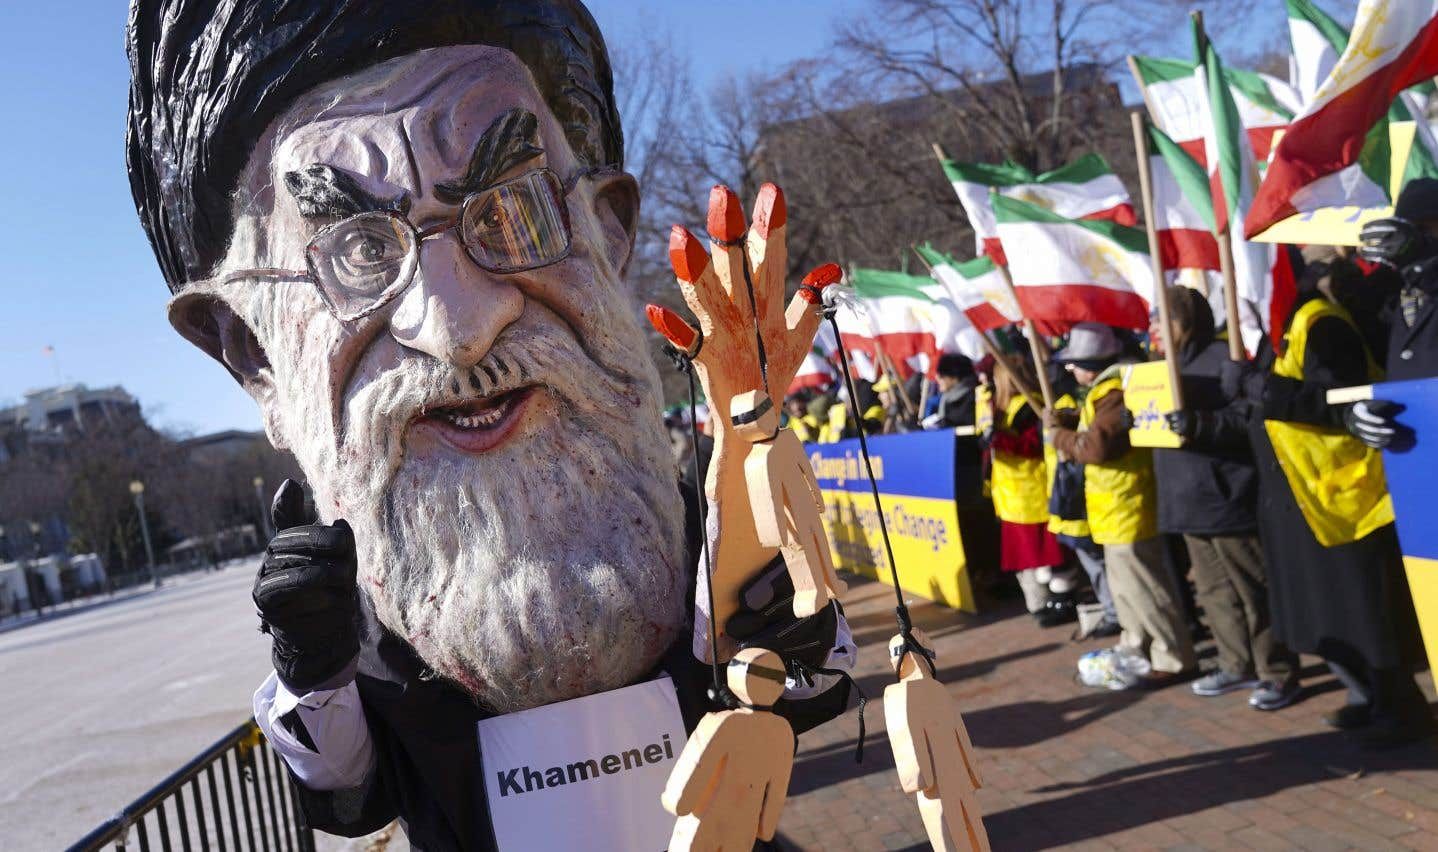 Un manifestant portant un costume à l'effigie de l'ayatollah Ali Khamenei lors d'un rassemblement en appui aux manifestations contre le pouvoir en Iran, devant la Maison-Blanche, le 6 janvier dernier.